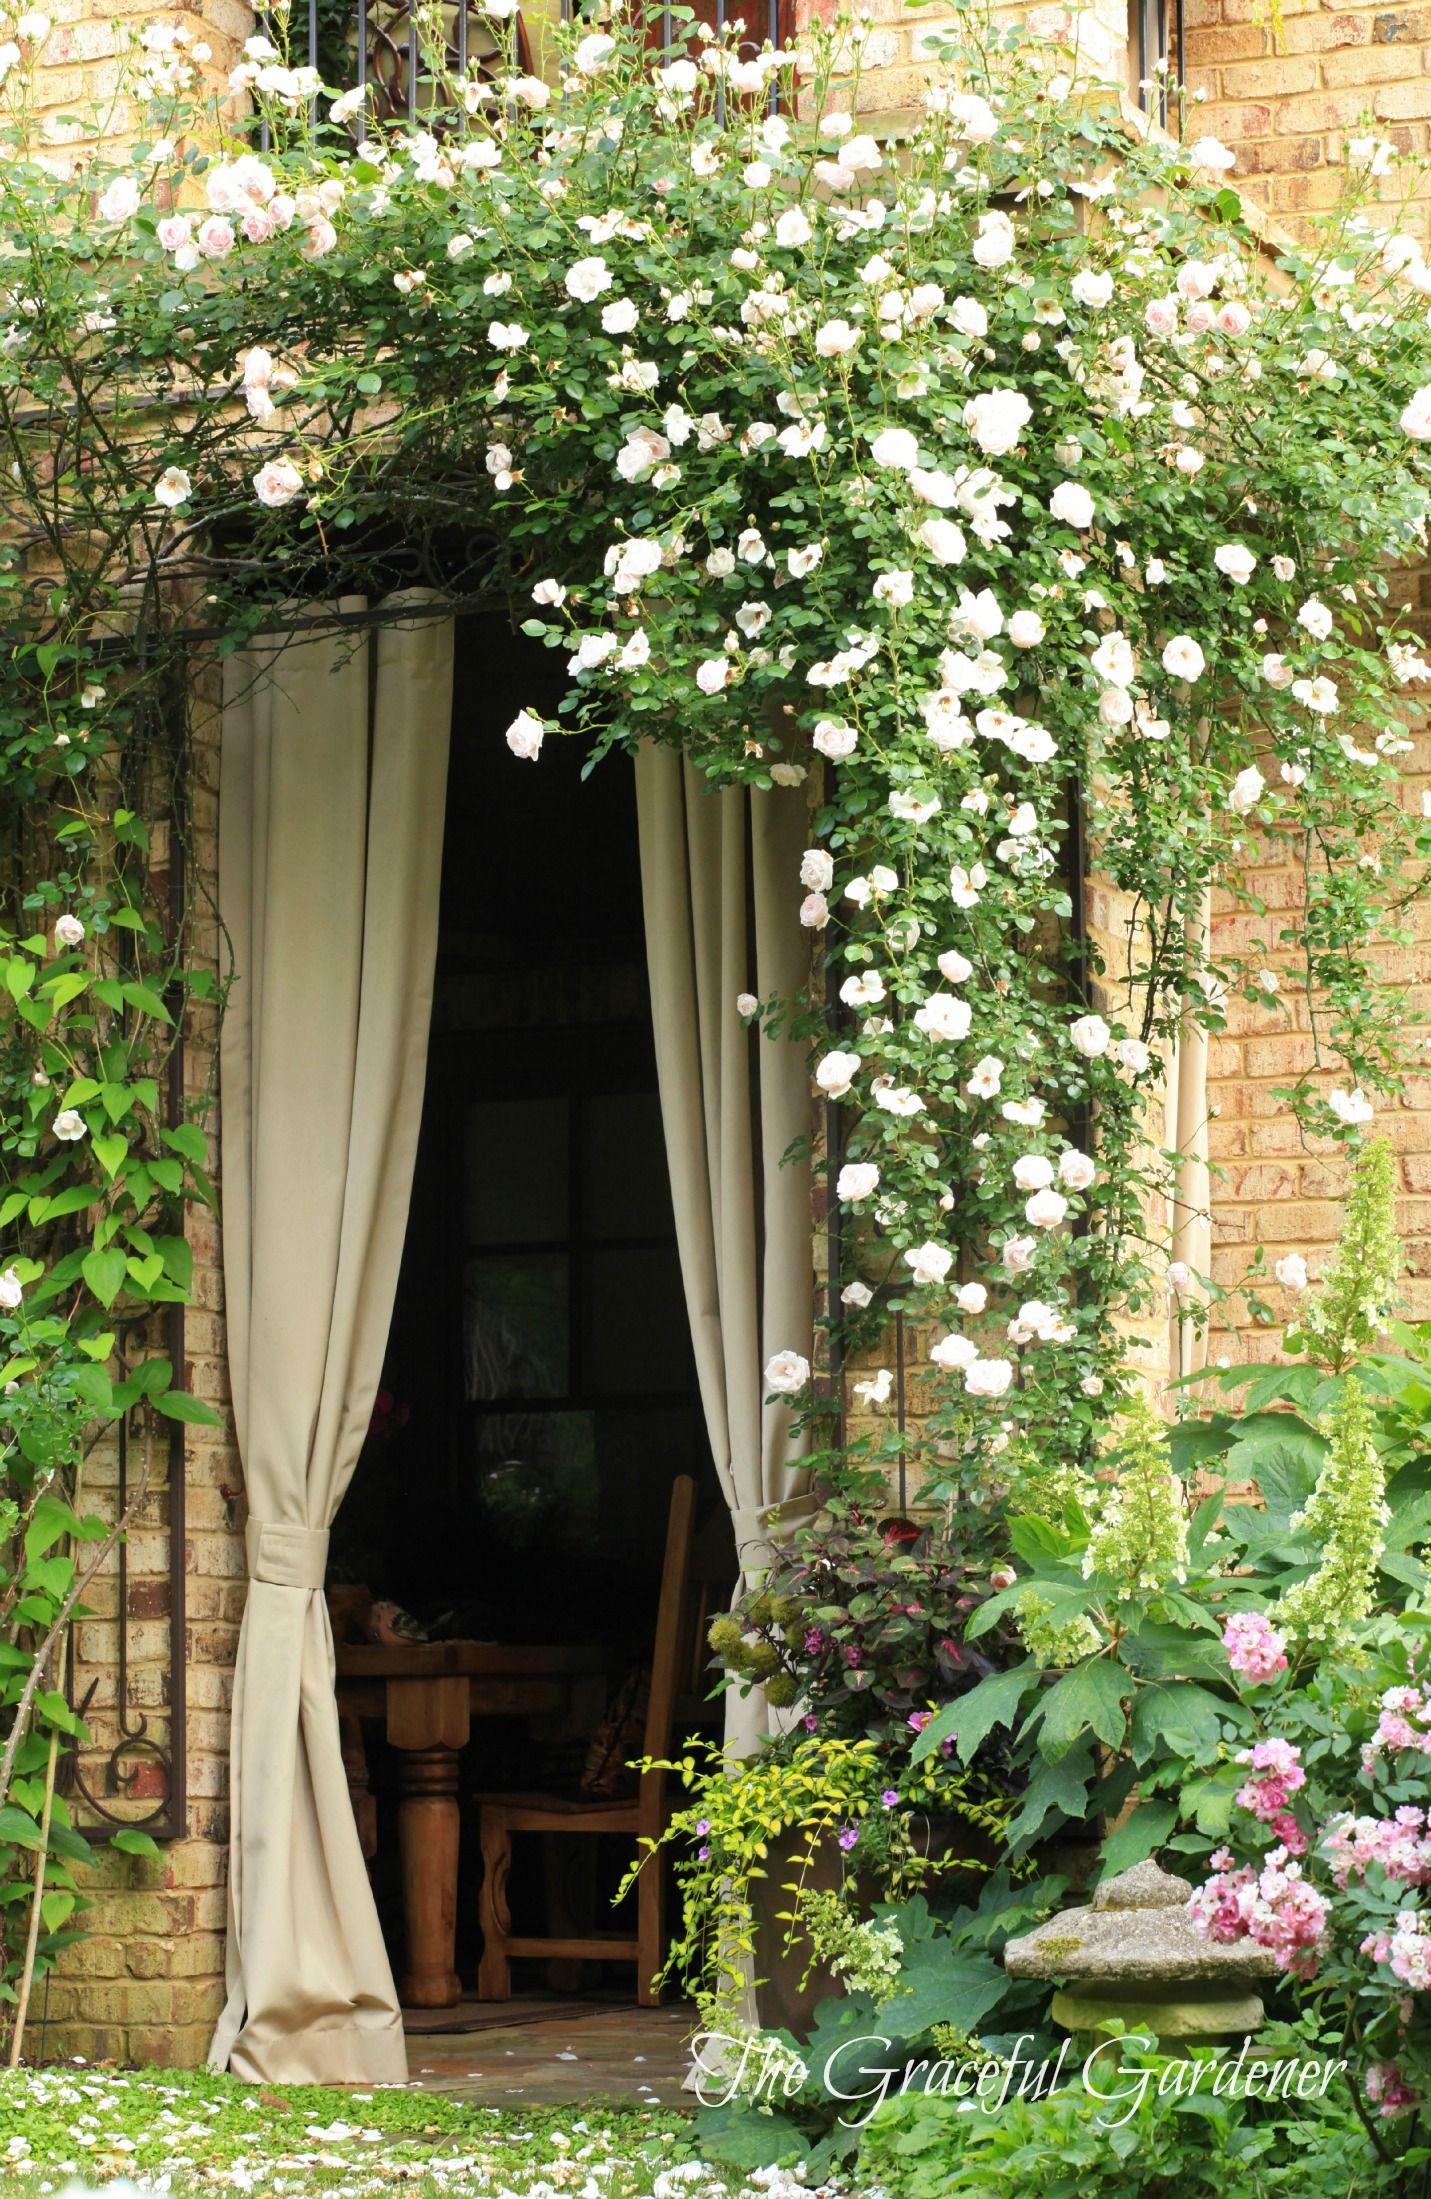 Kletterrosen im garten garten garten garten pflanzen for Garten pflanzen blumen